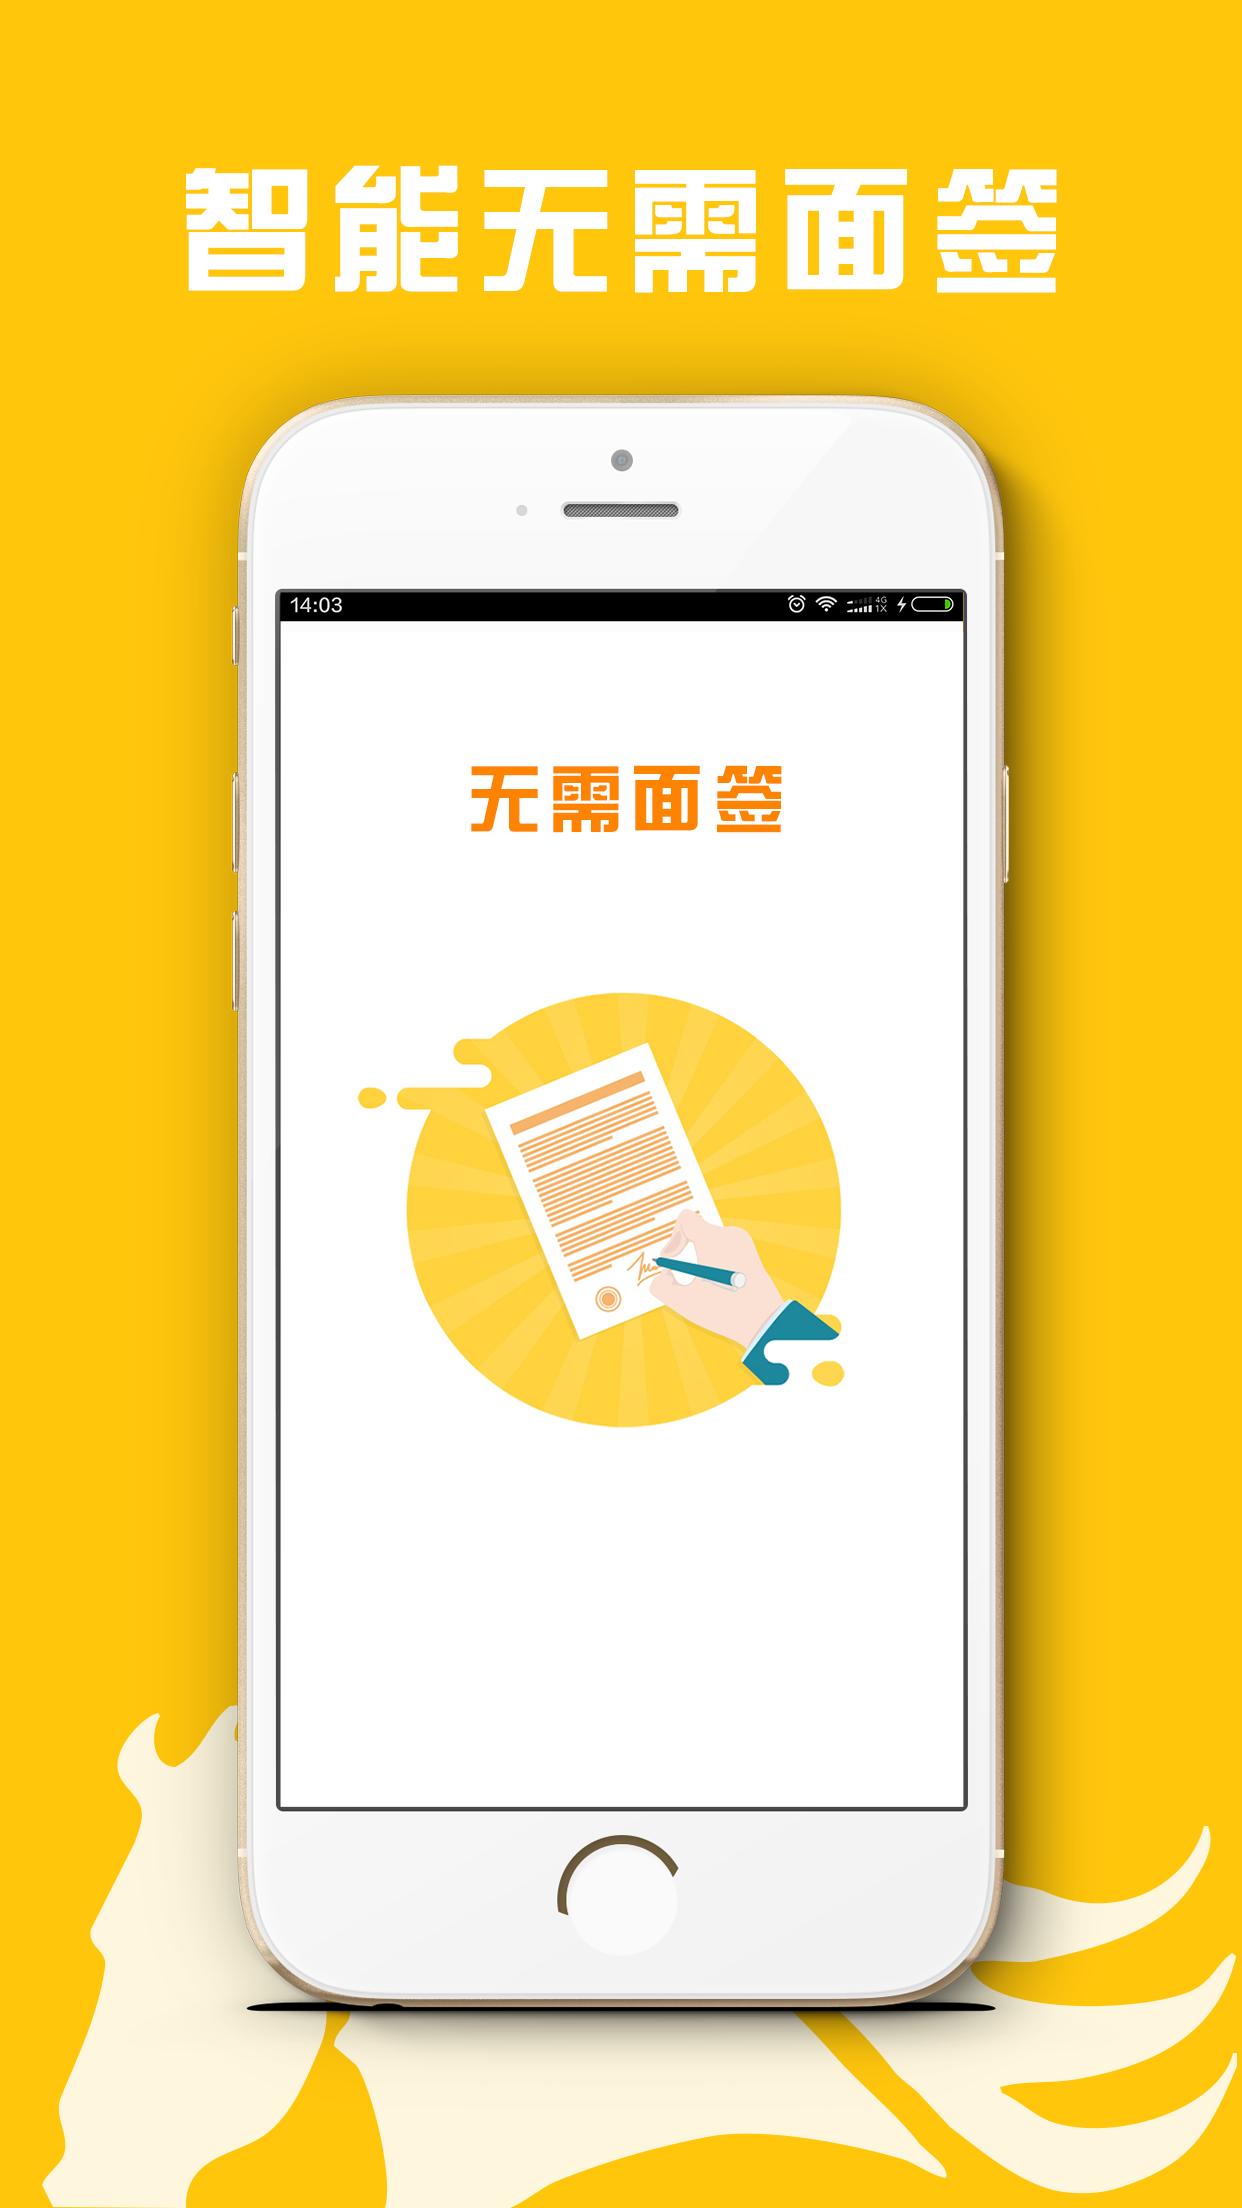 提额宝贷款app软件手机版下载  v1.1.46图1